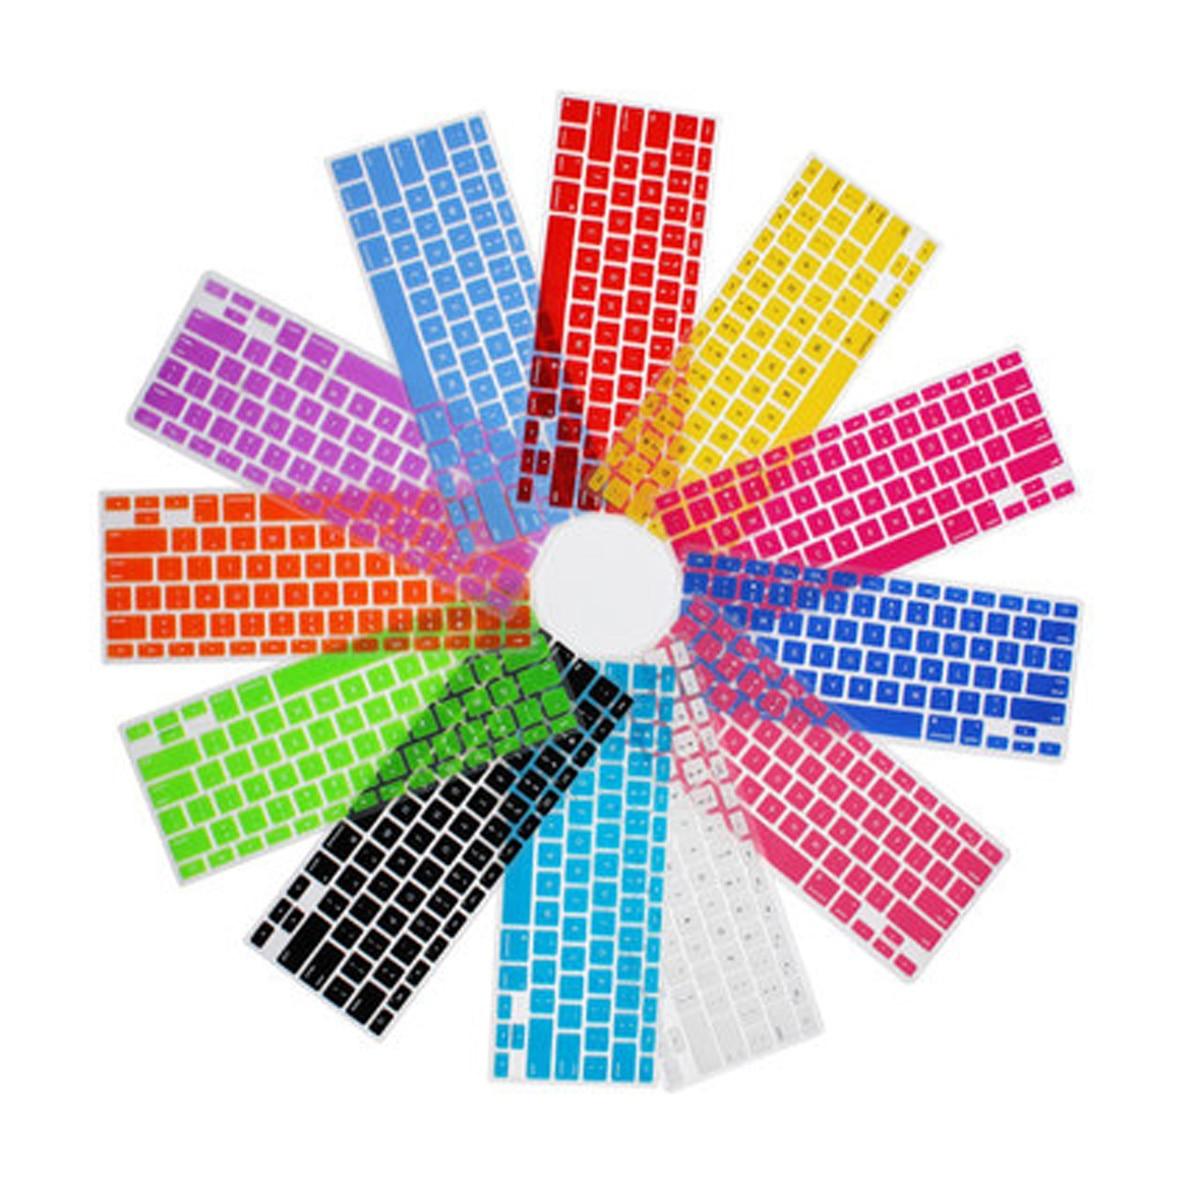 """ES išdėstymas arabų / arabų kalbomis Spalvotas apsaugos nuo silikono lipdukas Klaviatūros dangtis 13 """"15"""" """"Mac MacBook Air Pro Retina"""" / """"Imac G6"""""""